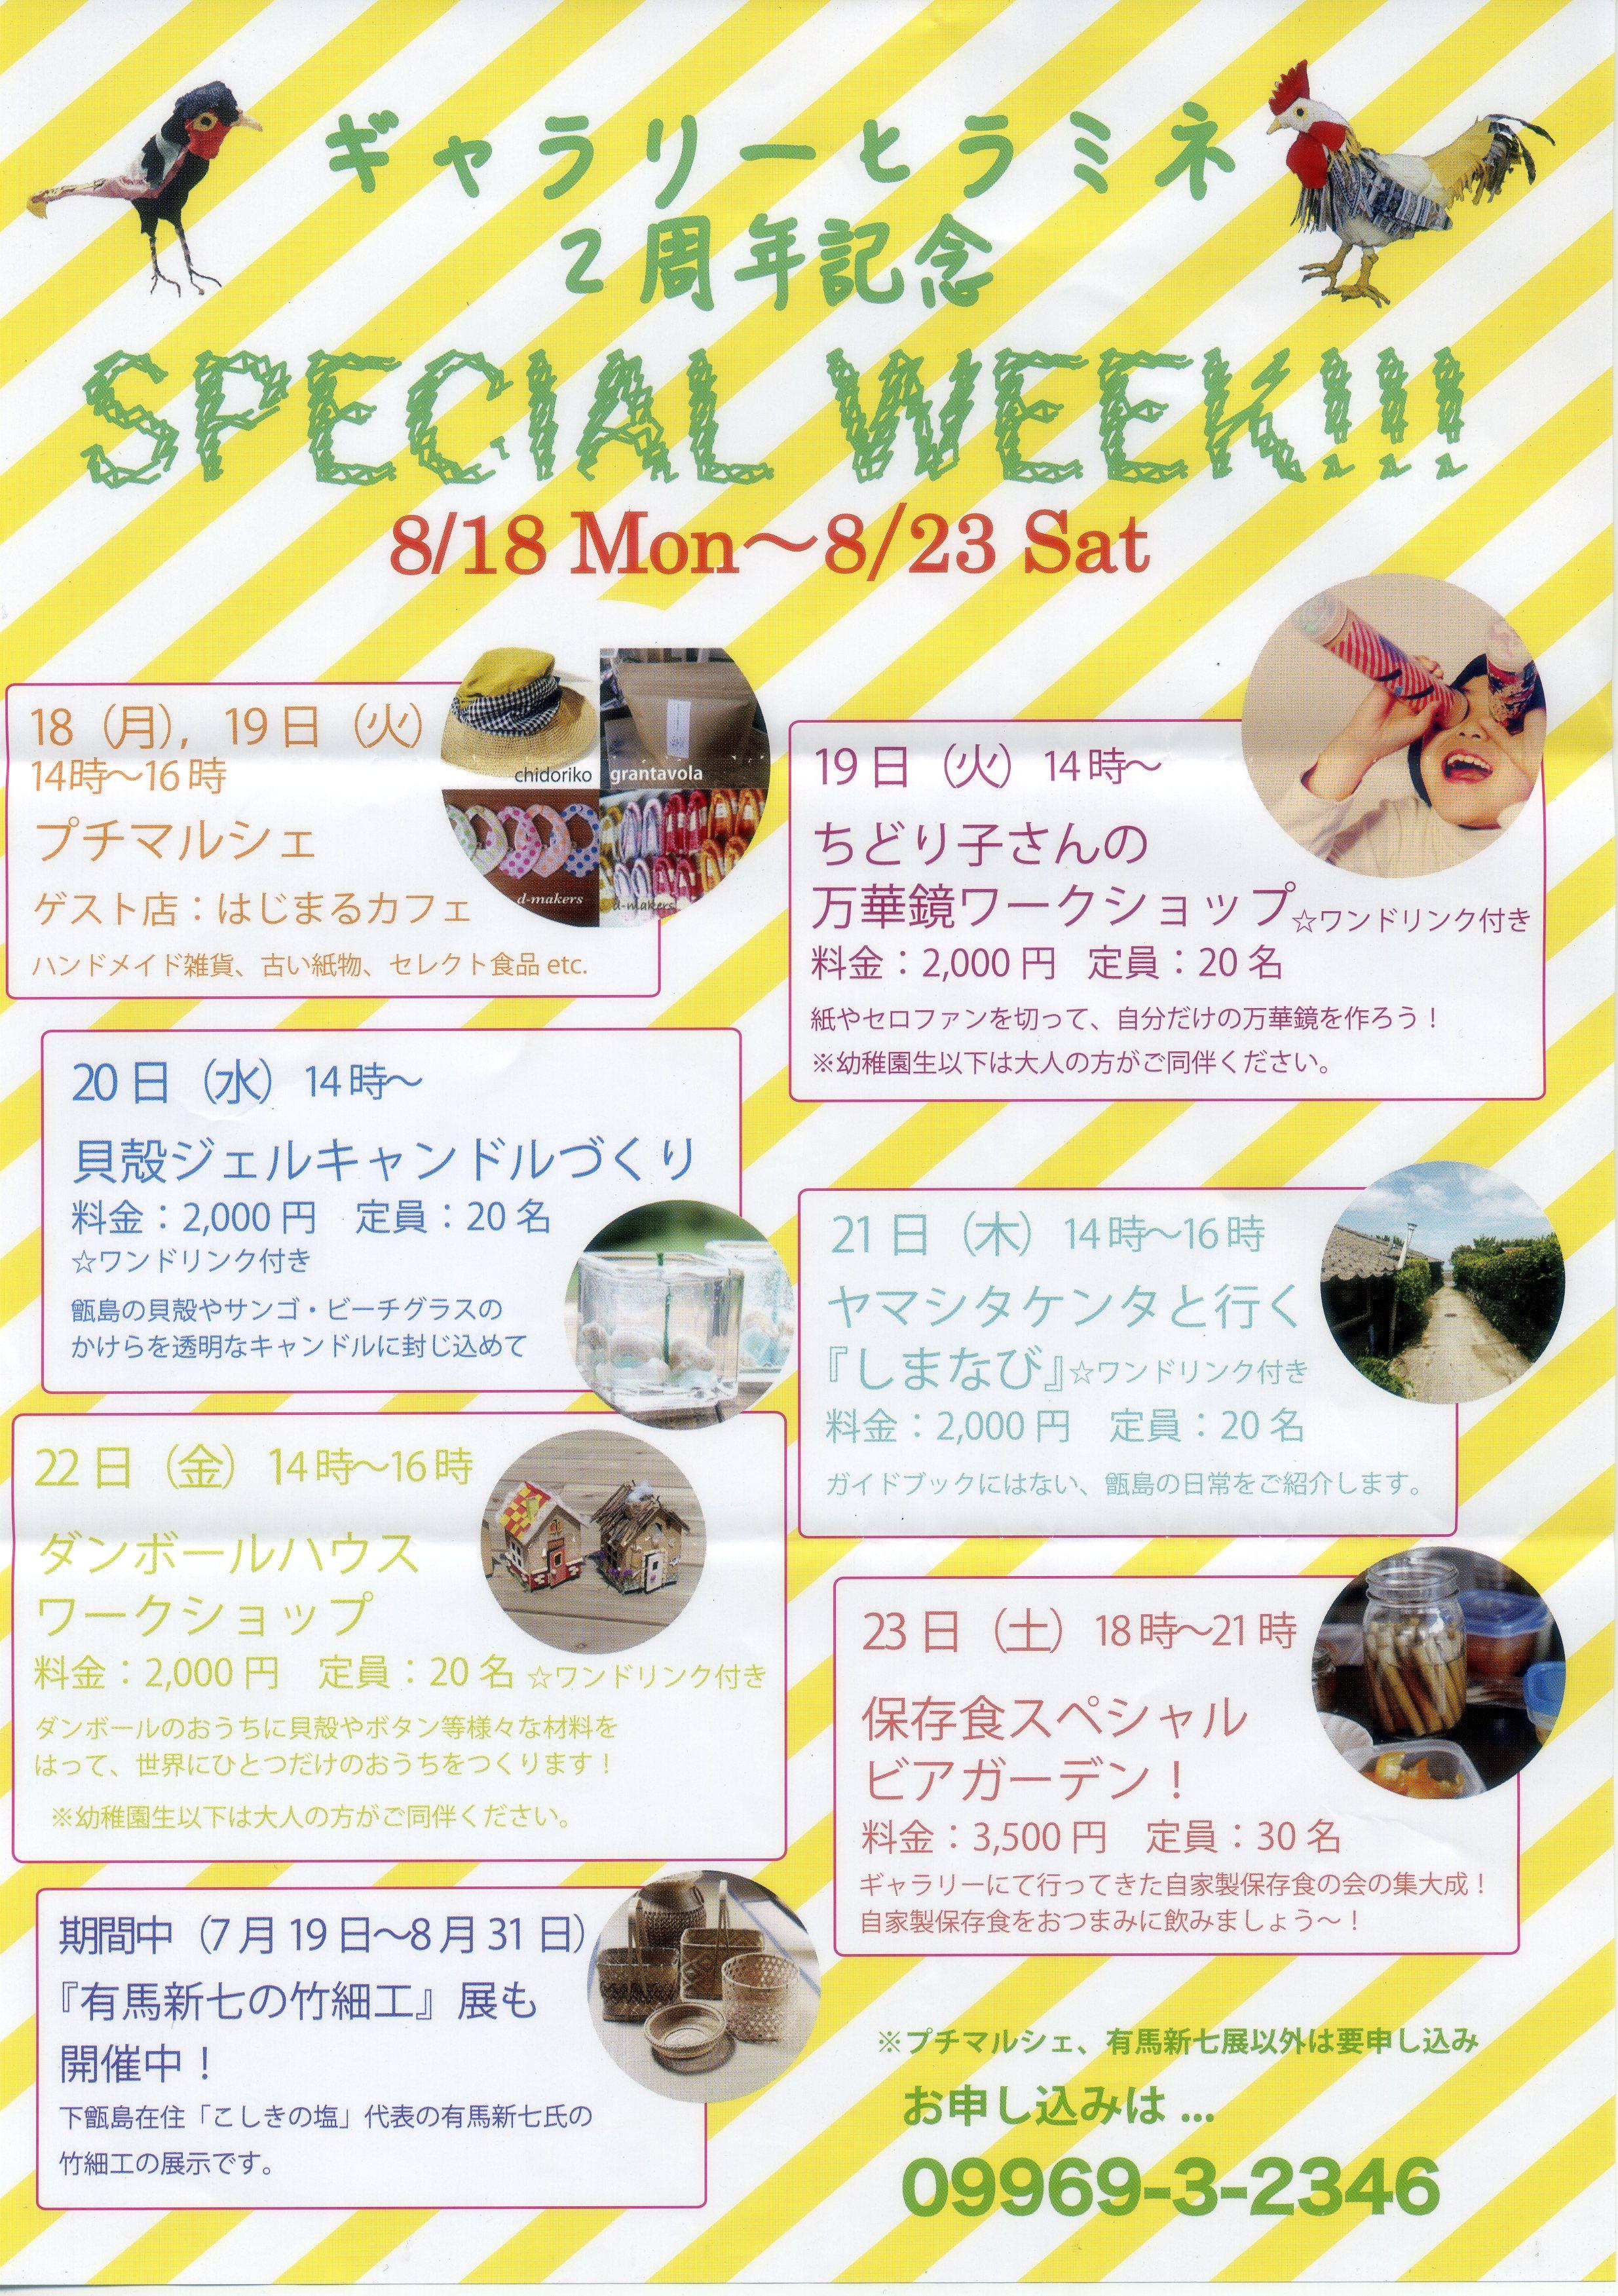 ギャラリーヒラミネ2周年記念 SPECIAL WEEK!!!